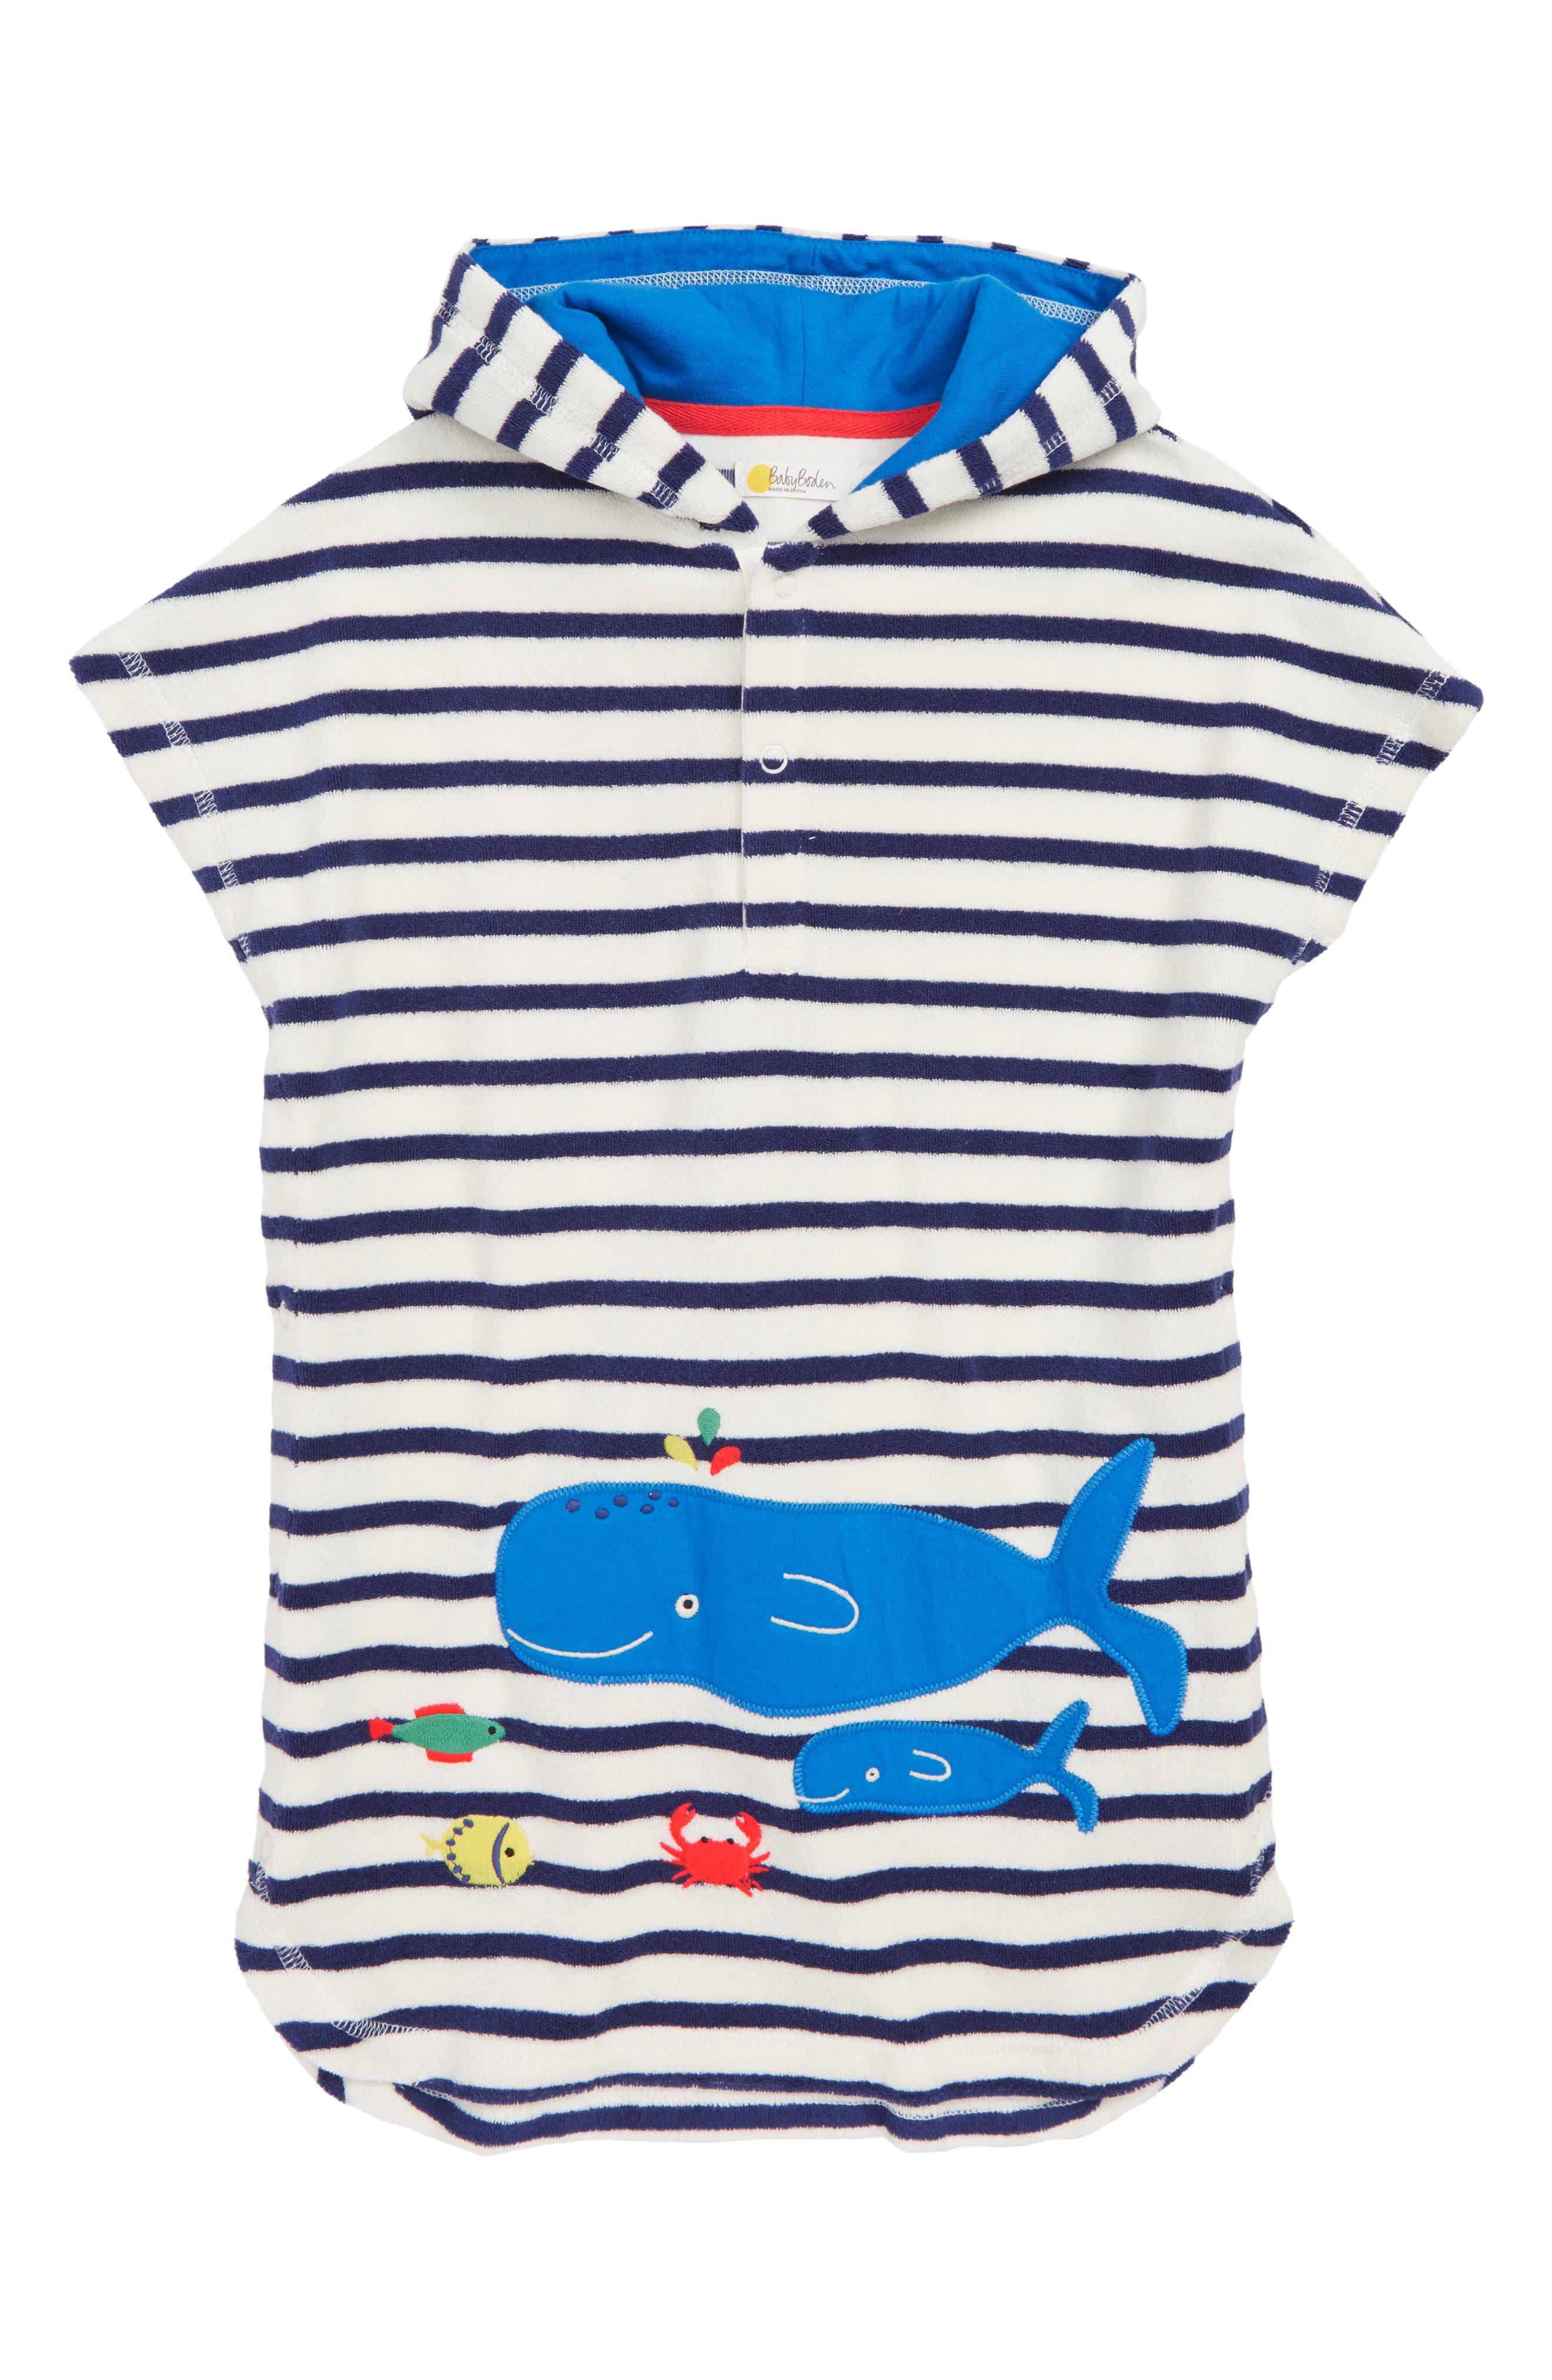 388ee698e Mini Boden Kids  For Toddler Boys (2T-4T) Clothing